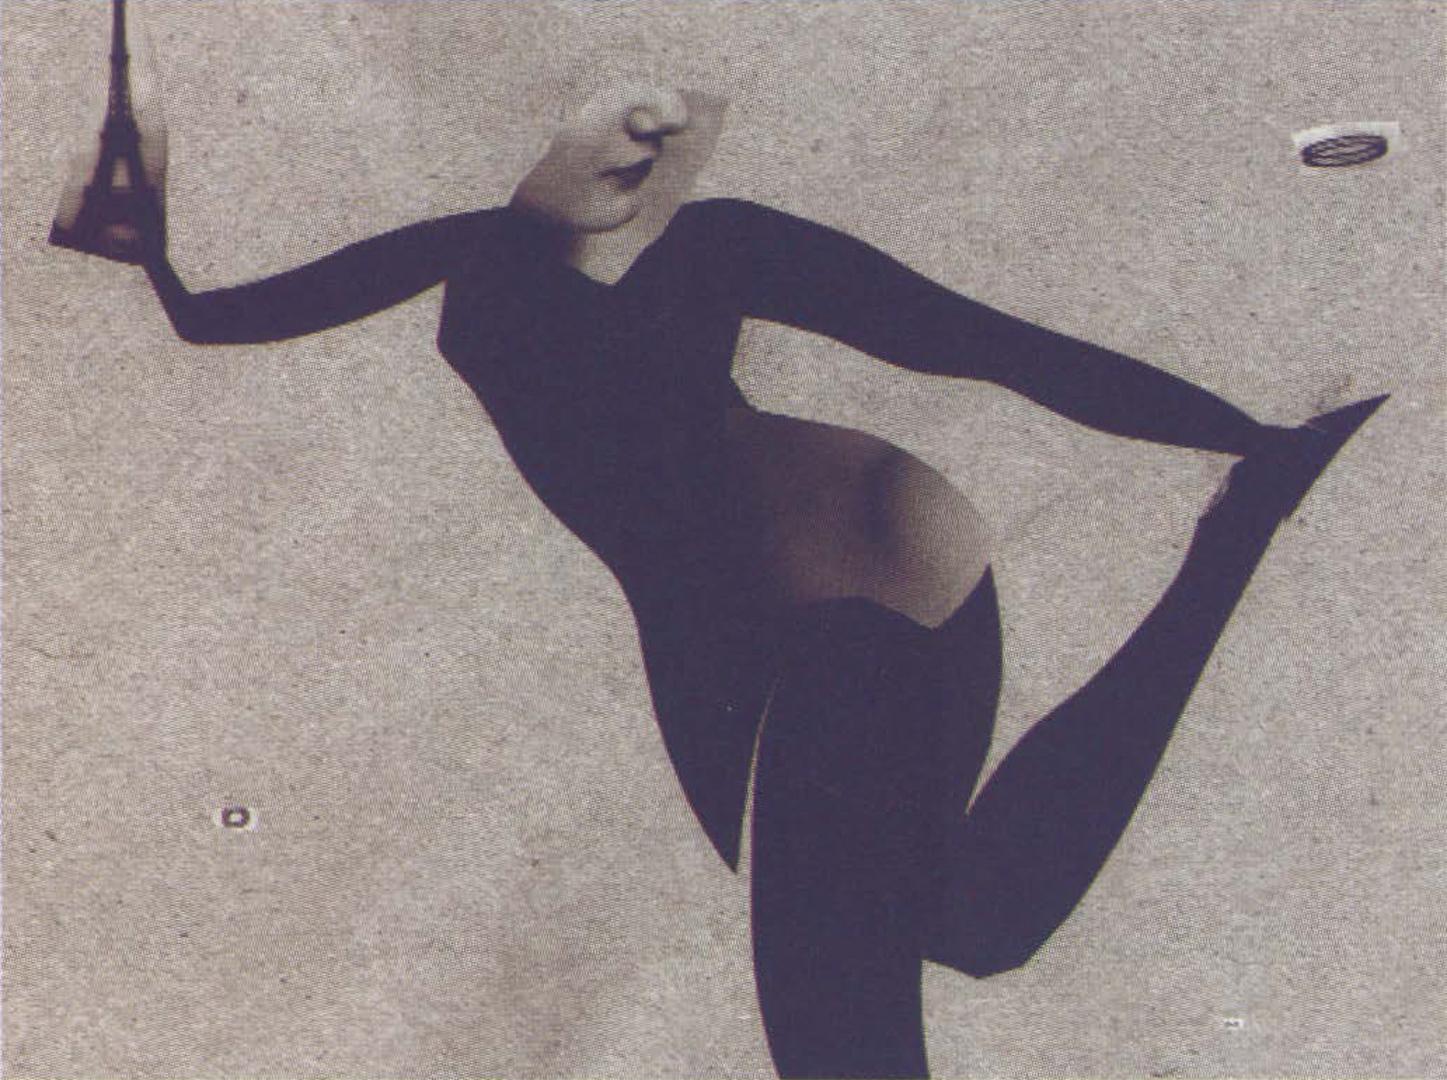 ©2003, Keijo Tapanainen